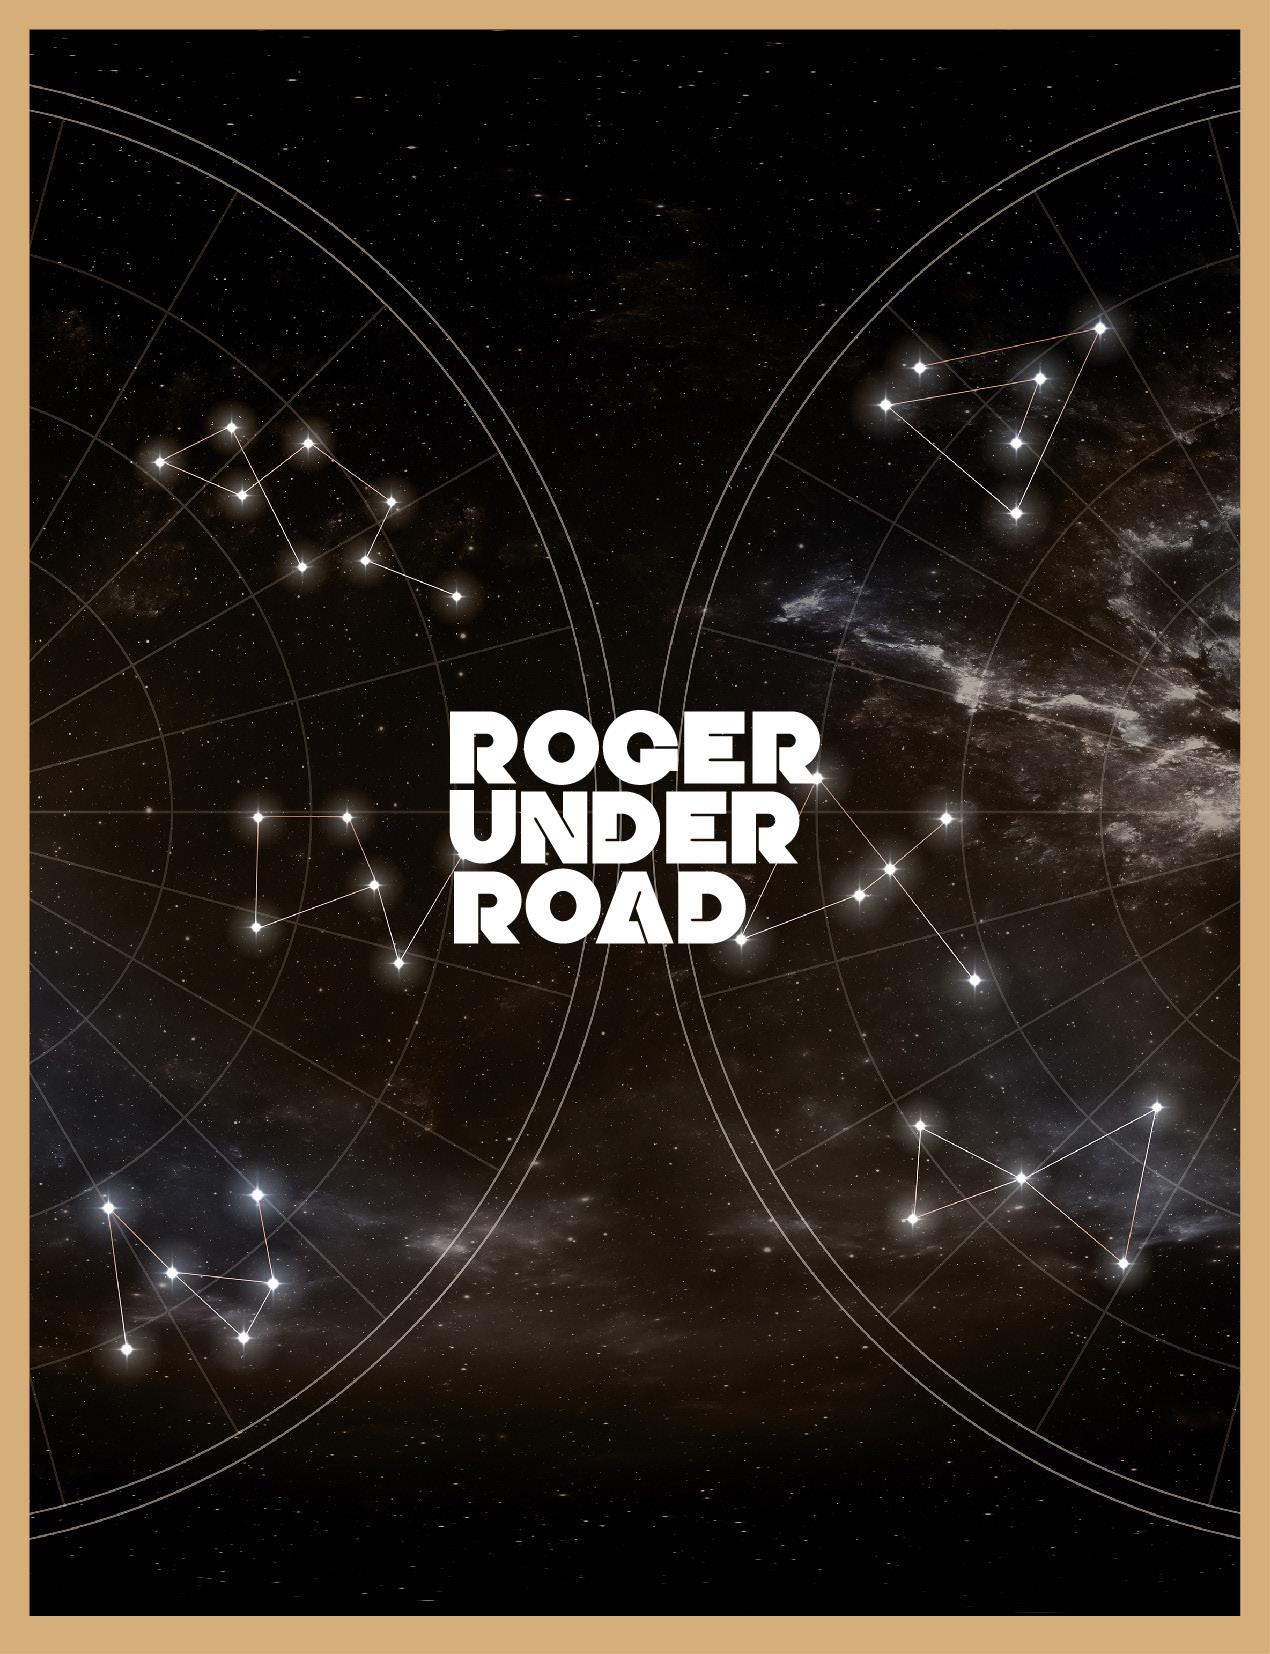 Roger Under Road